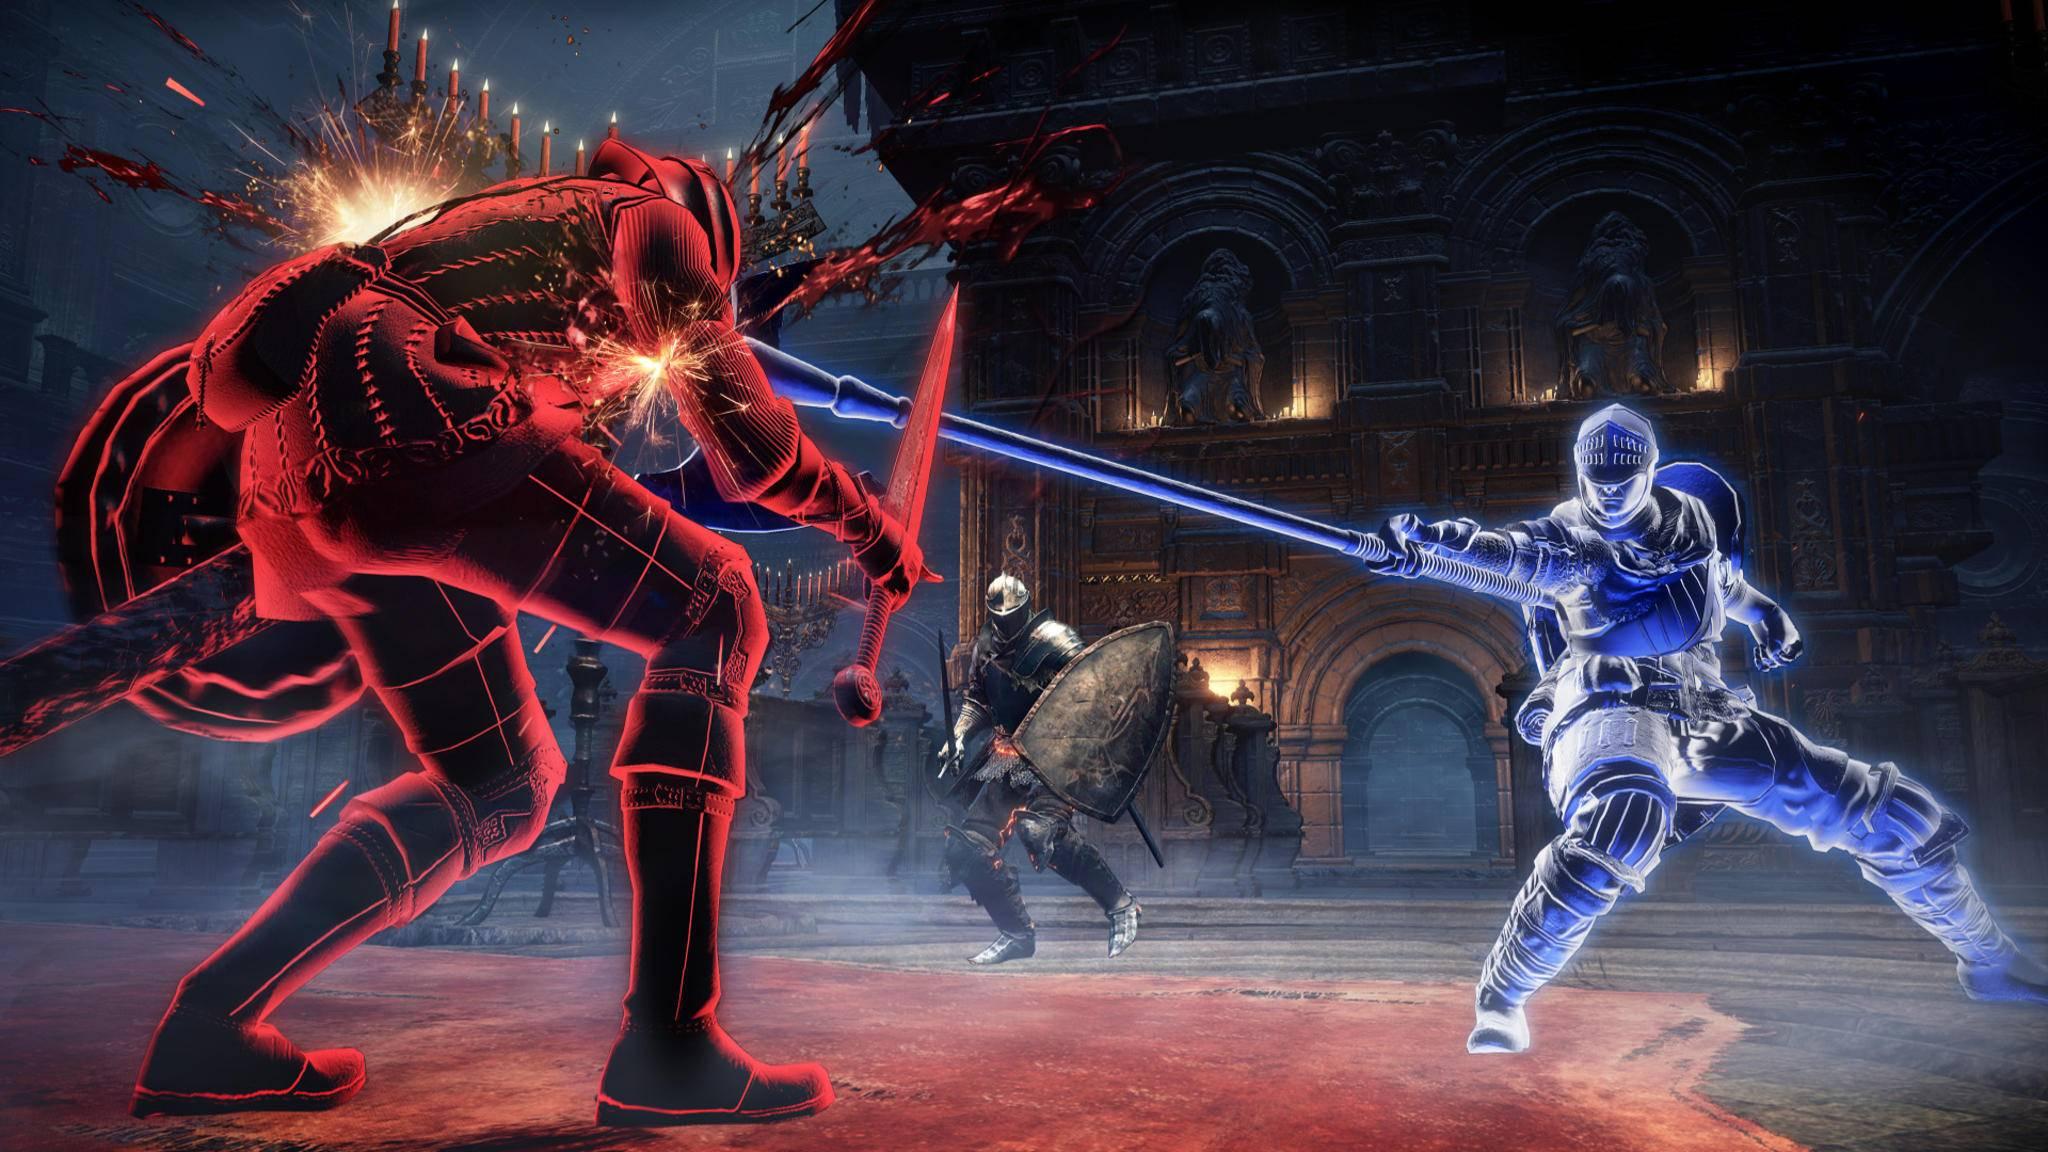 """Noch kein Battle Royale, aber immerhin: Auch in den """"Dark Souls""""-Spielen geht's um alles."""